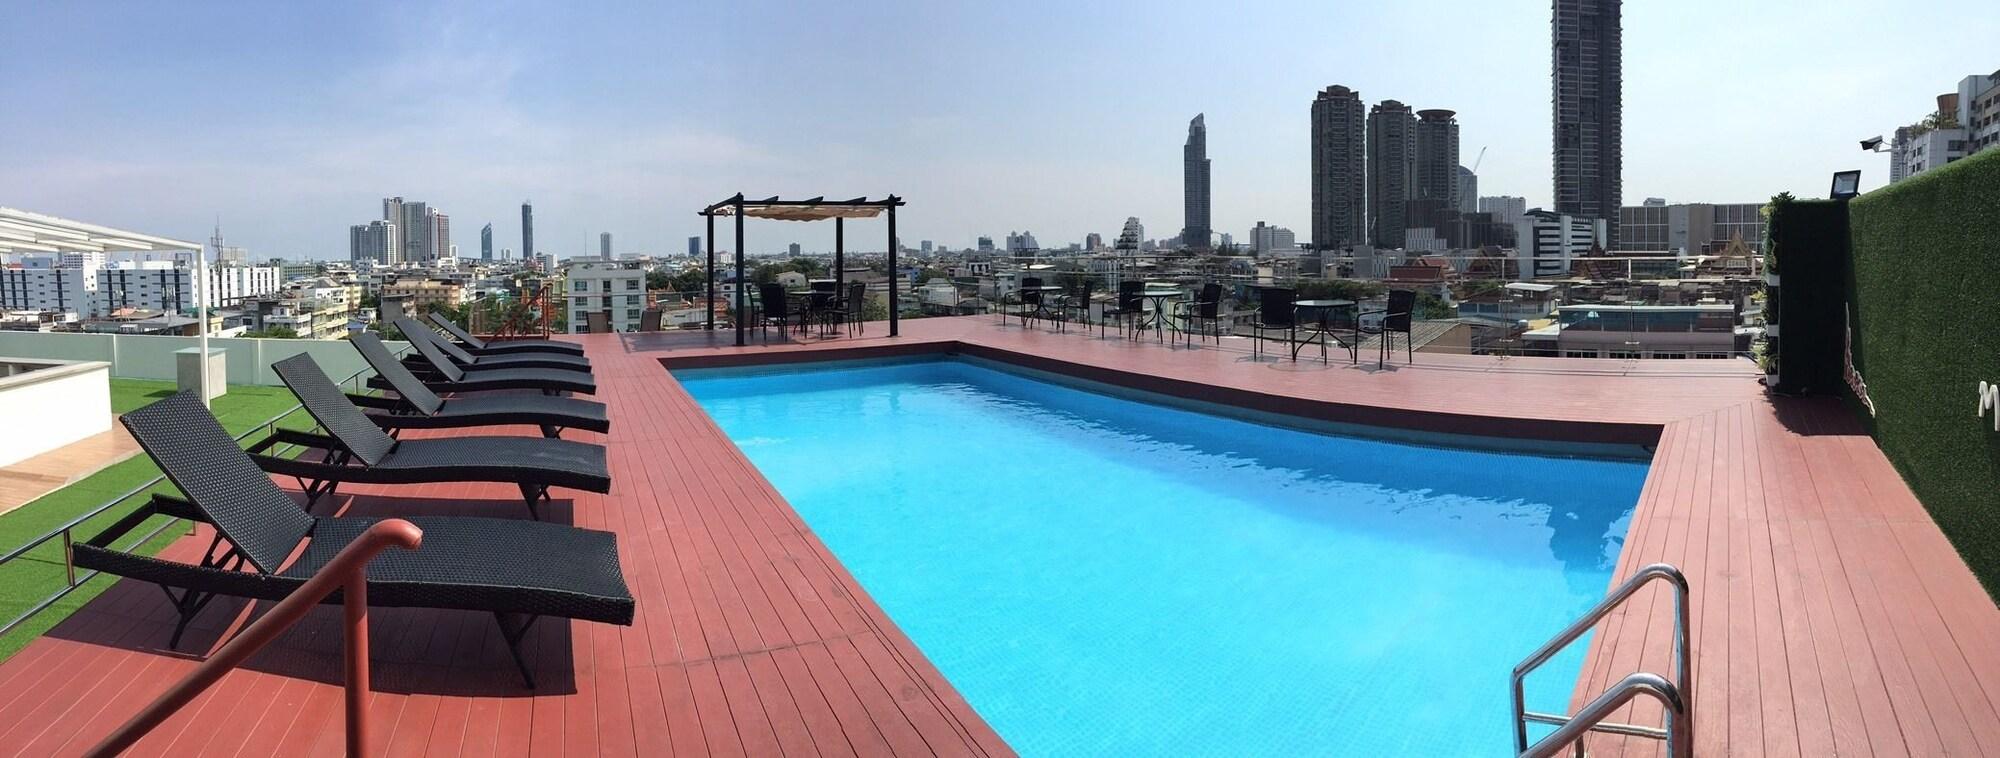 Miloft Sathorn Hotel, Bang Kho Laem